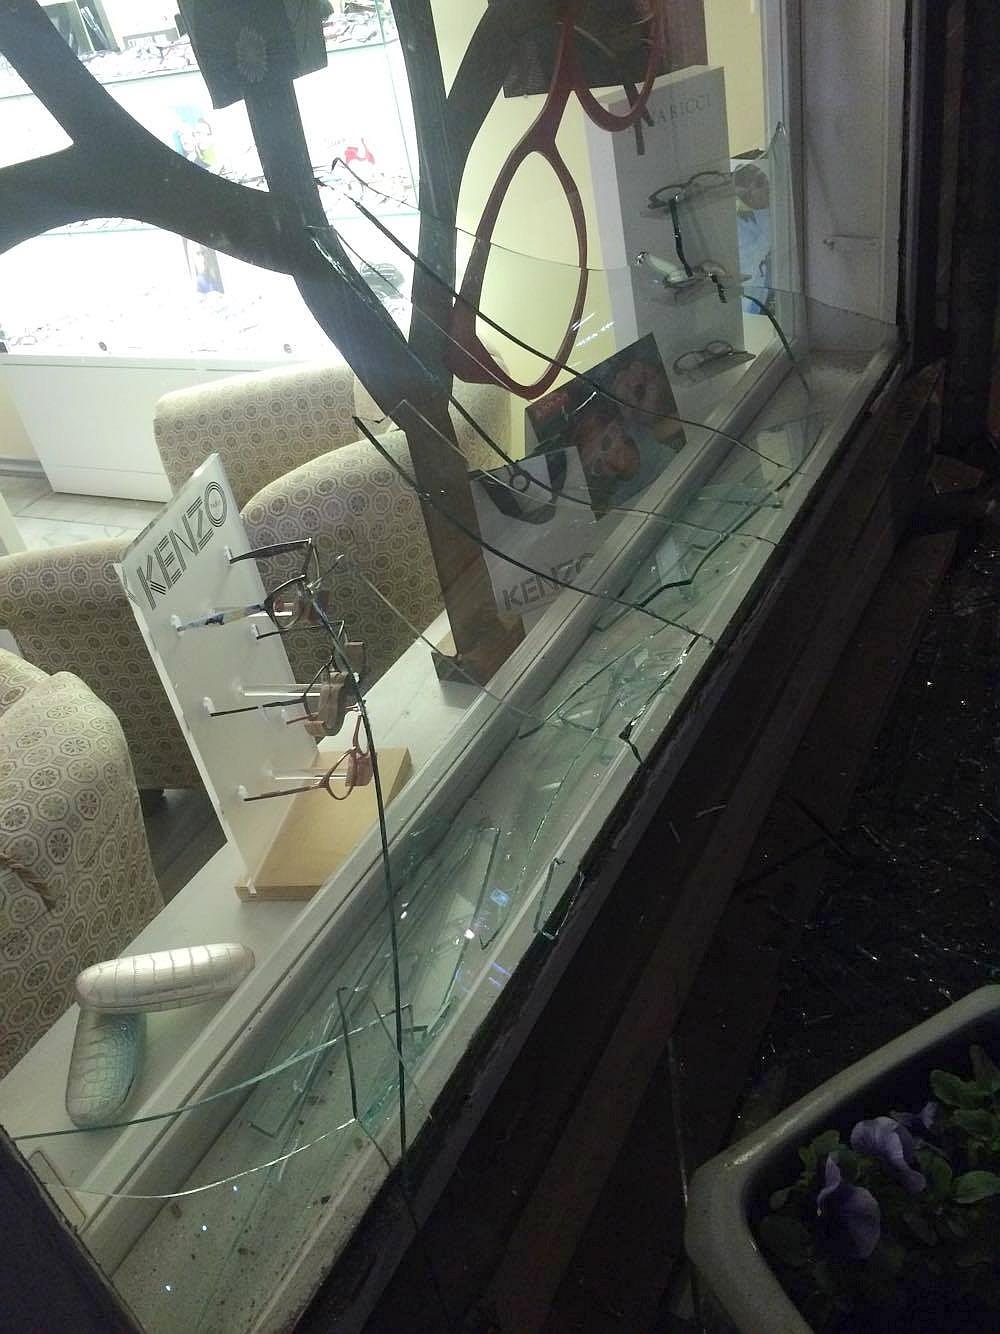 Kuressaares jäiöösel vastu laupäeva, 23. aprilli kellelegi ette Kohtu tänaval asuva Norman Optika kauplus. Saarte Hääle toimetusele laekunud fotode kohaselt oli kaupluse aken sisse löödud ning selleees olev kõnnitee kildudega […]